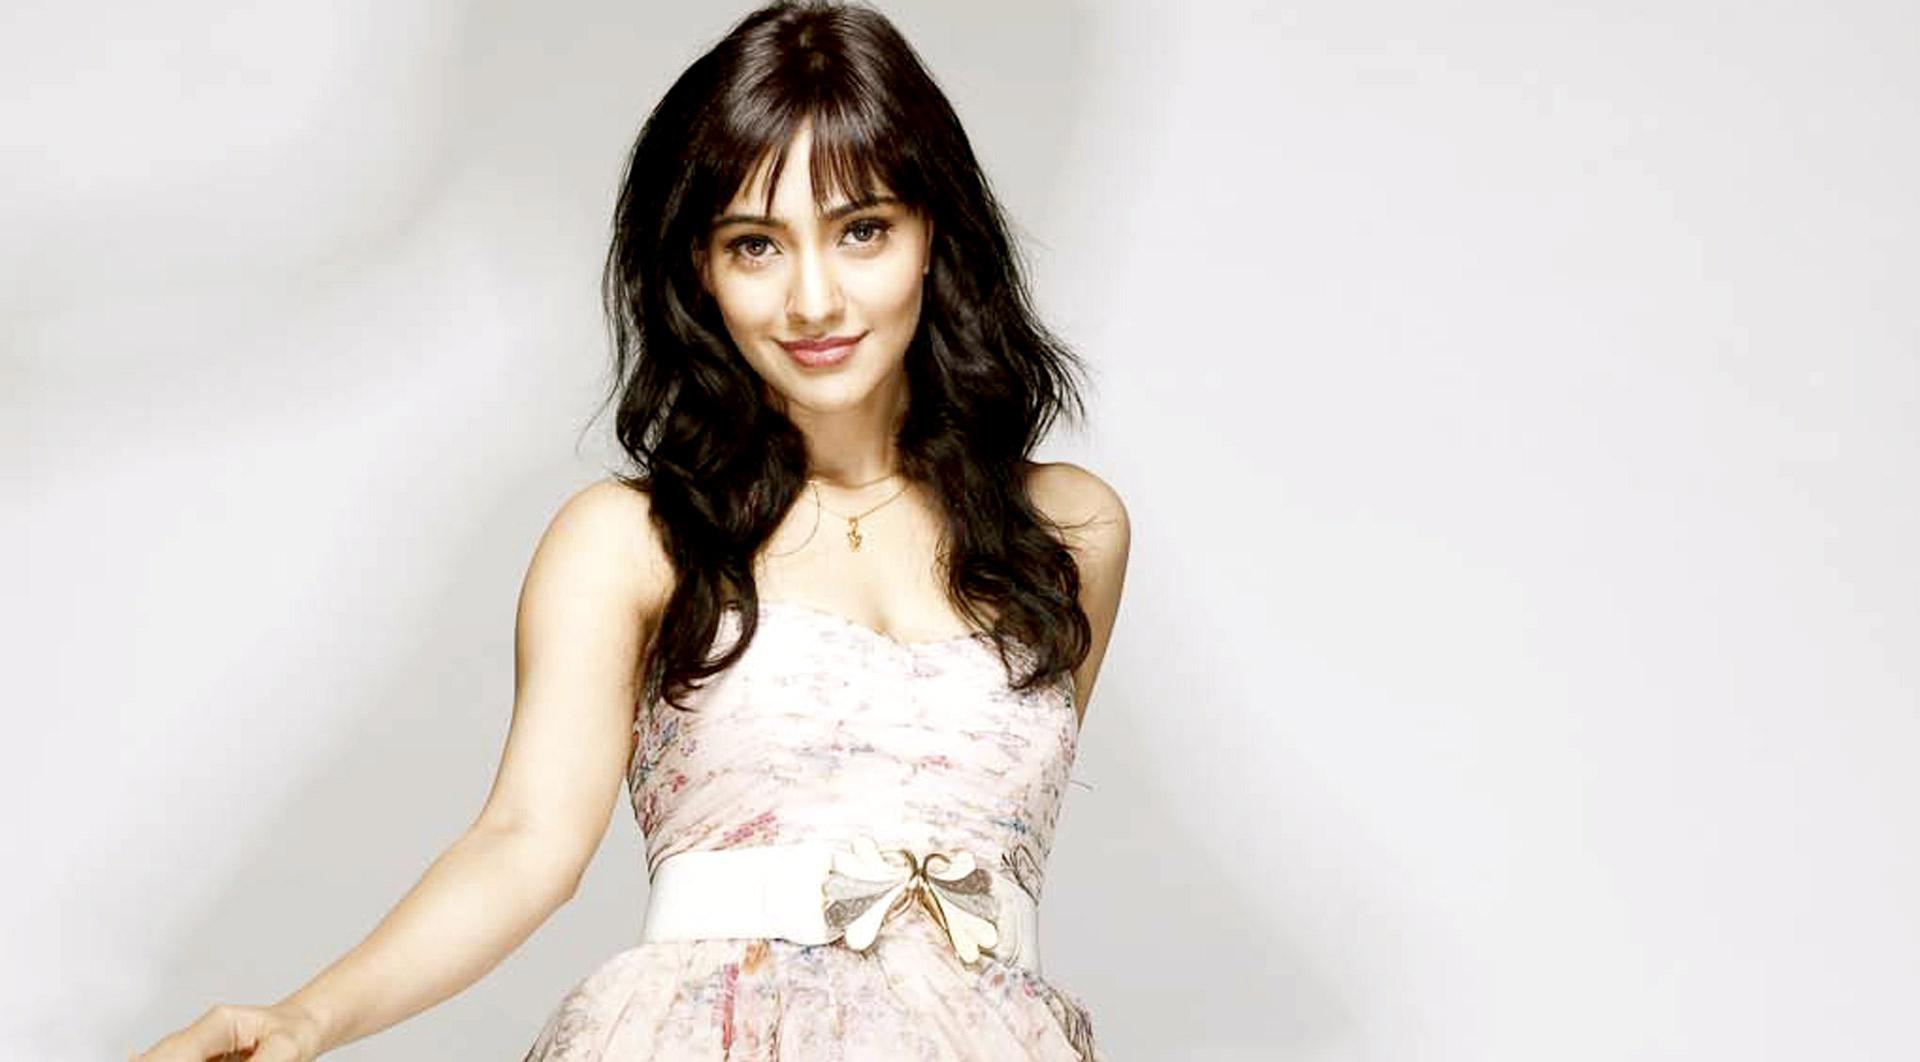 Neha Sharma Cute Hd Pics - Facebook Cover - PoPoPics.com